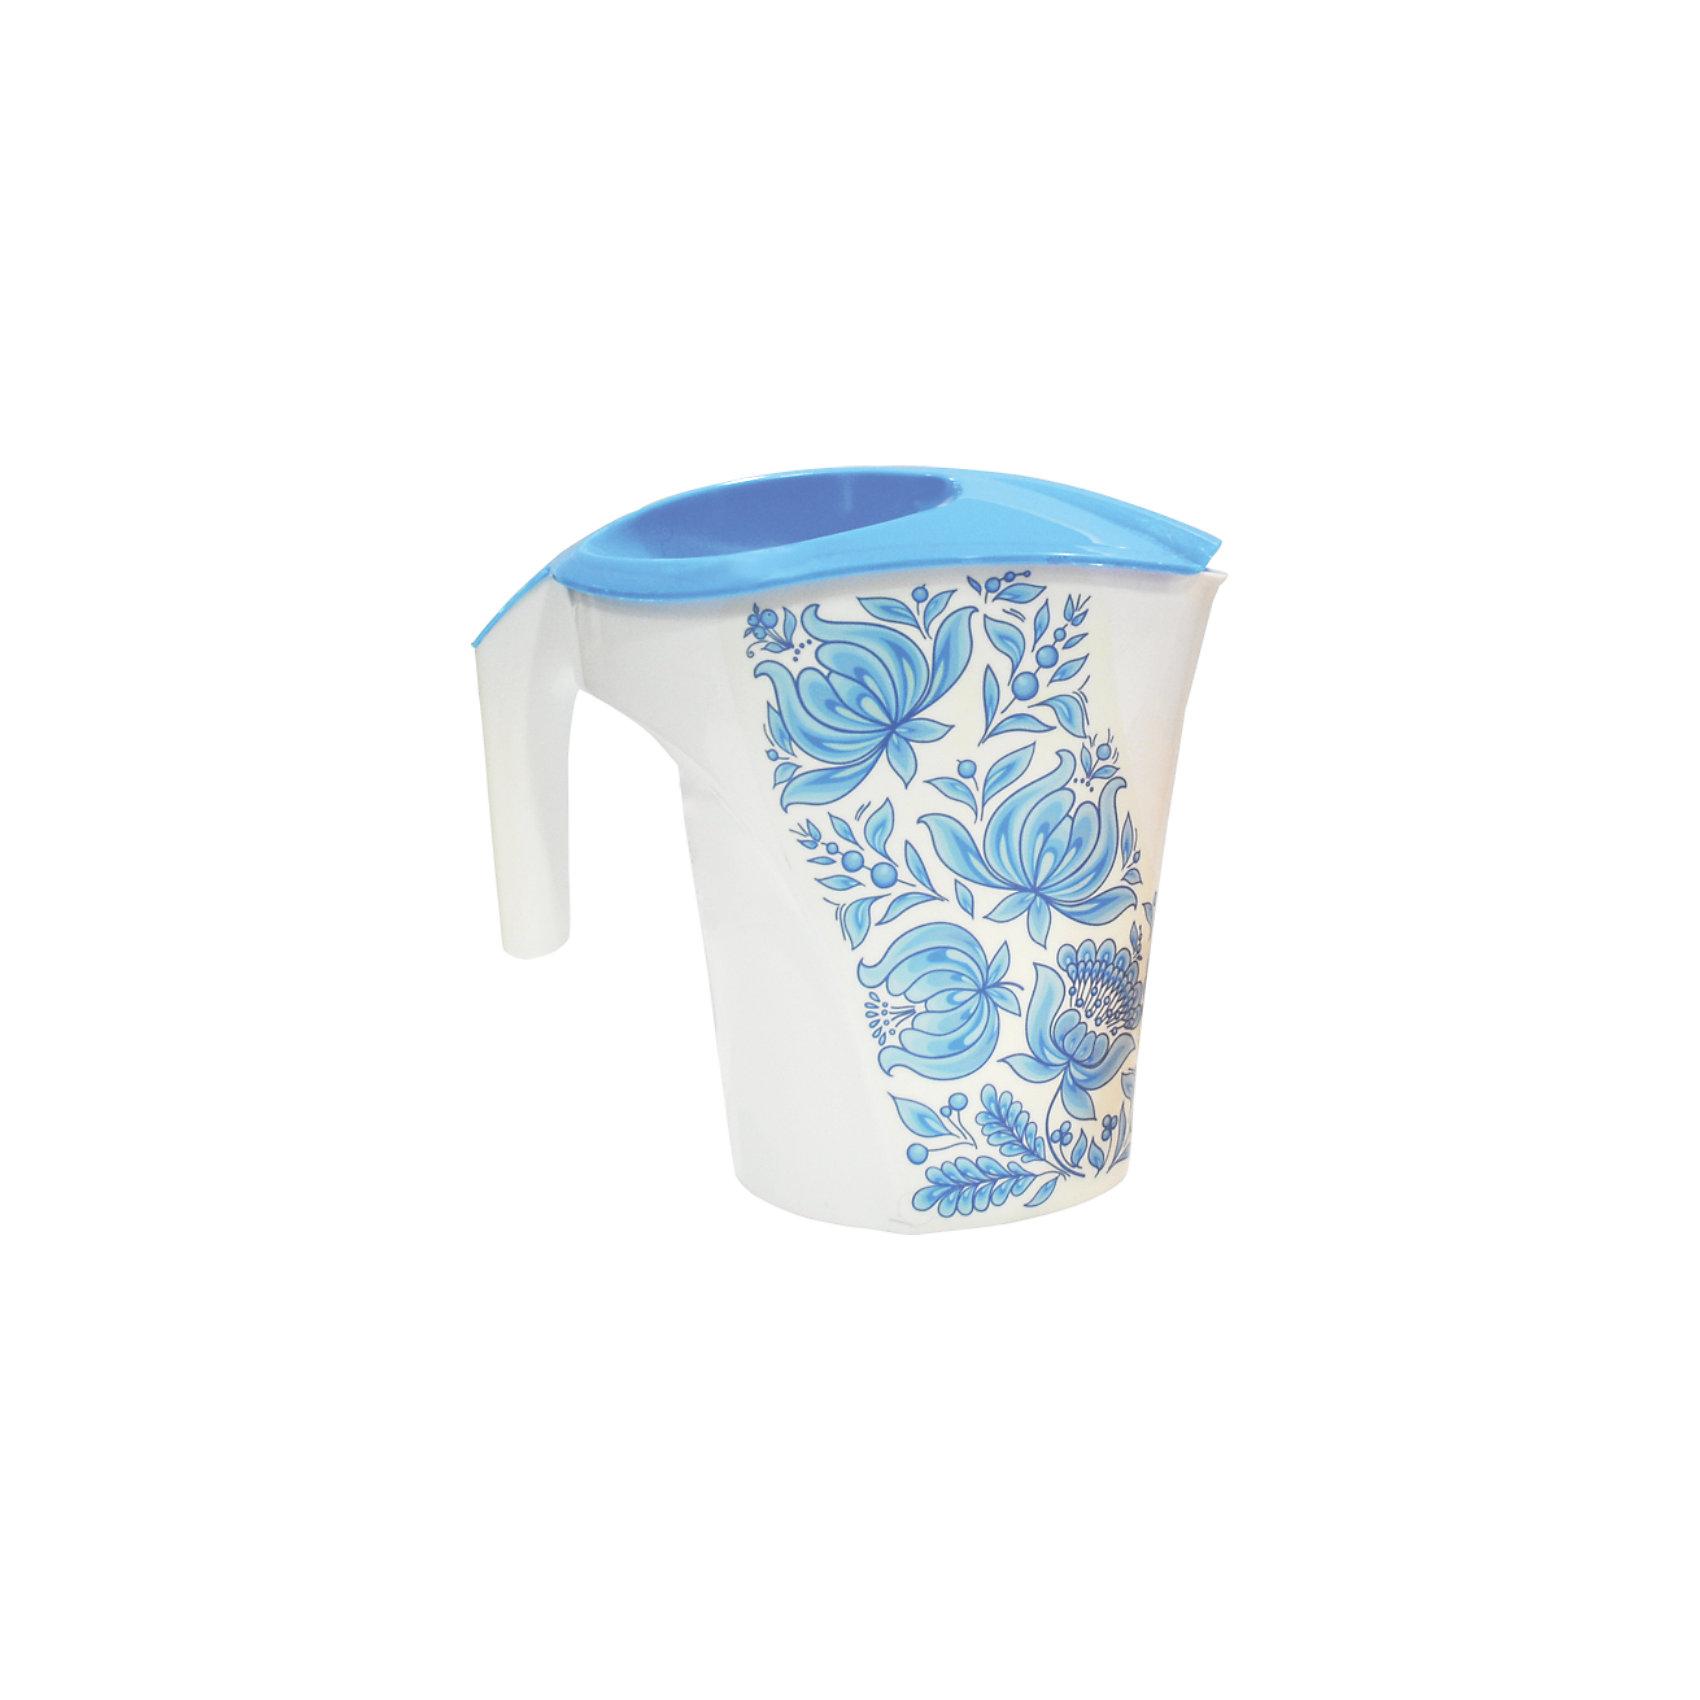 Кувшин Цветы 3 л, Plastic CentreПосуда<br>Кувшин Цветы 3 л, Plastic Centre<br><br>Характеристики:<br><br>• Материал: пластик<br>• Цвет: желтый<br>• В комплекте: 1 штука<br>• Объем: 2 литра<br><br>Кувшин подойдет для хранения соков или воды. Крепкая и очень удобная ручка делает процесс наливания воды доступным даже для детей. Красивый дизайн кувшина, форма и его цвет позволят ему вписаться в любой интерьер. Сделан кувшин из прочного пластика, которые не выделяет вредных веществ и не отражается на вкусе воды.<br><br>Кувшин Цветы 3 л, Plastic Centre можно купить в нашем интернет-магазине.<br><br>Ширина мм: 248<br>Глубина мм: 155<br>Высота мм: 235<br>Вес г: 242<br>Возраст от месяцев: 216<br>Возраст до месяцев: 1188<br>Пол: Унисекс<br>Возраст: Детский<br>SKU: 5545698